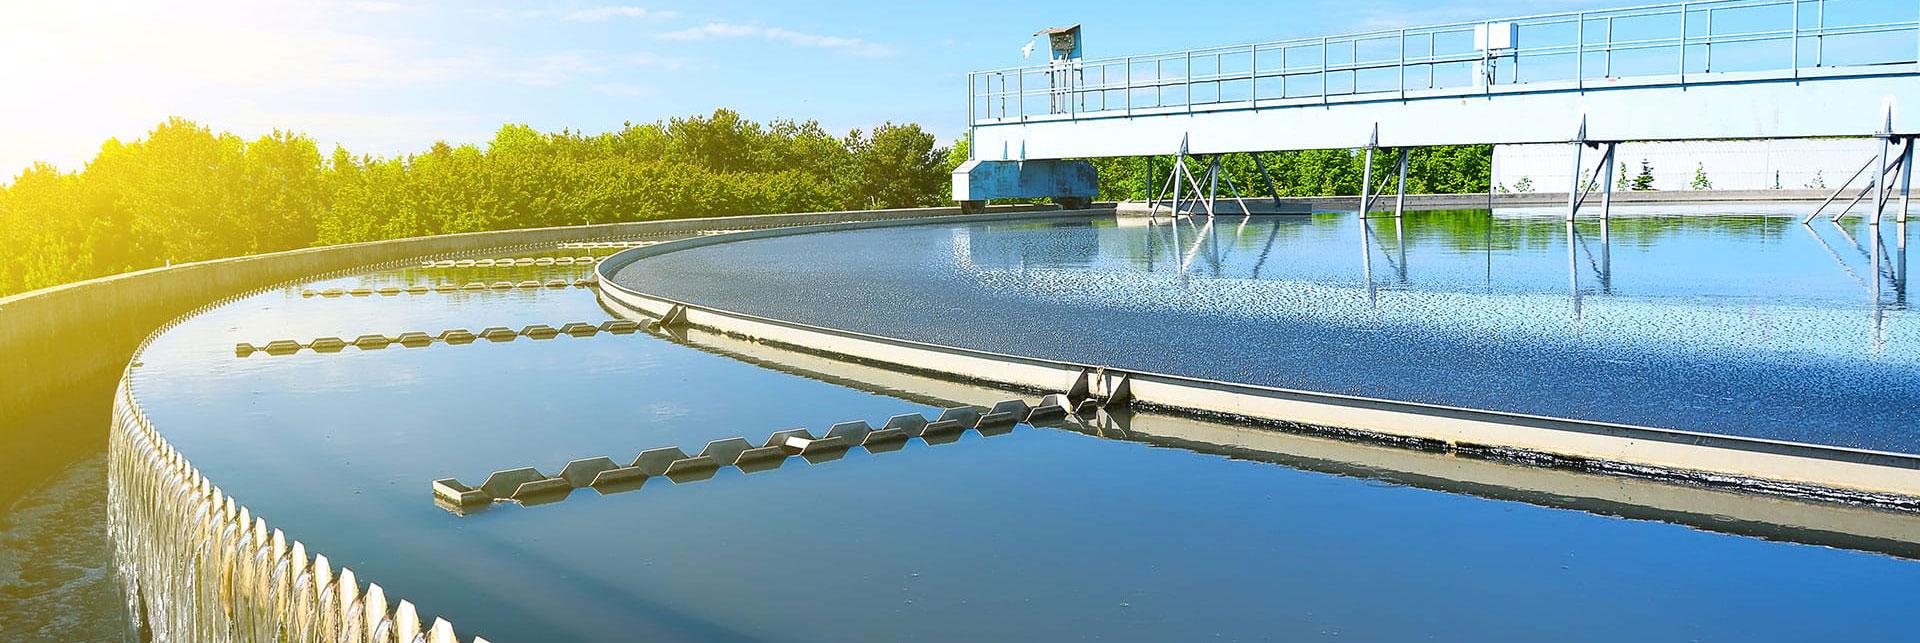 Công ty Dịch vụ vệ sinh môi trường số 1 tại Hà Nội